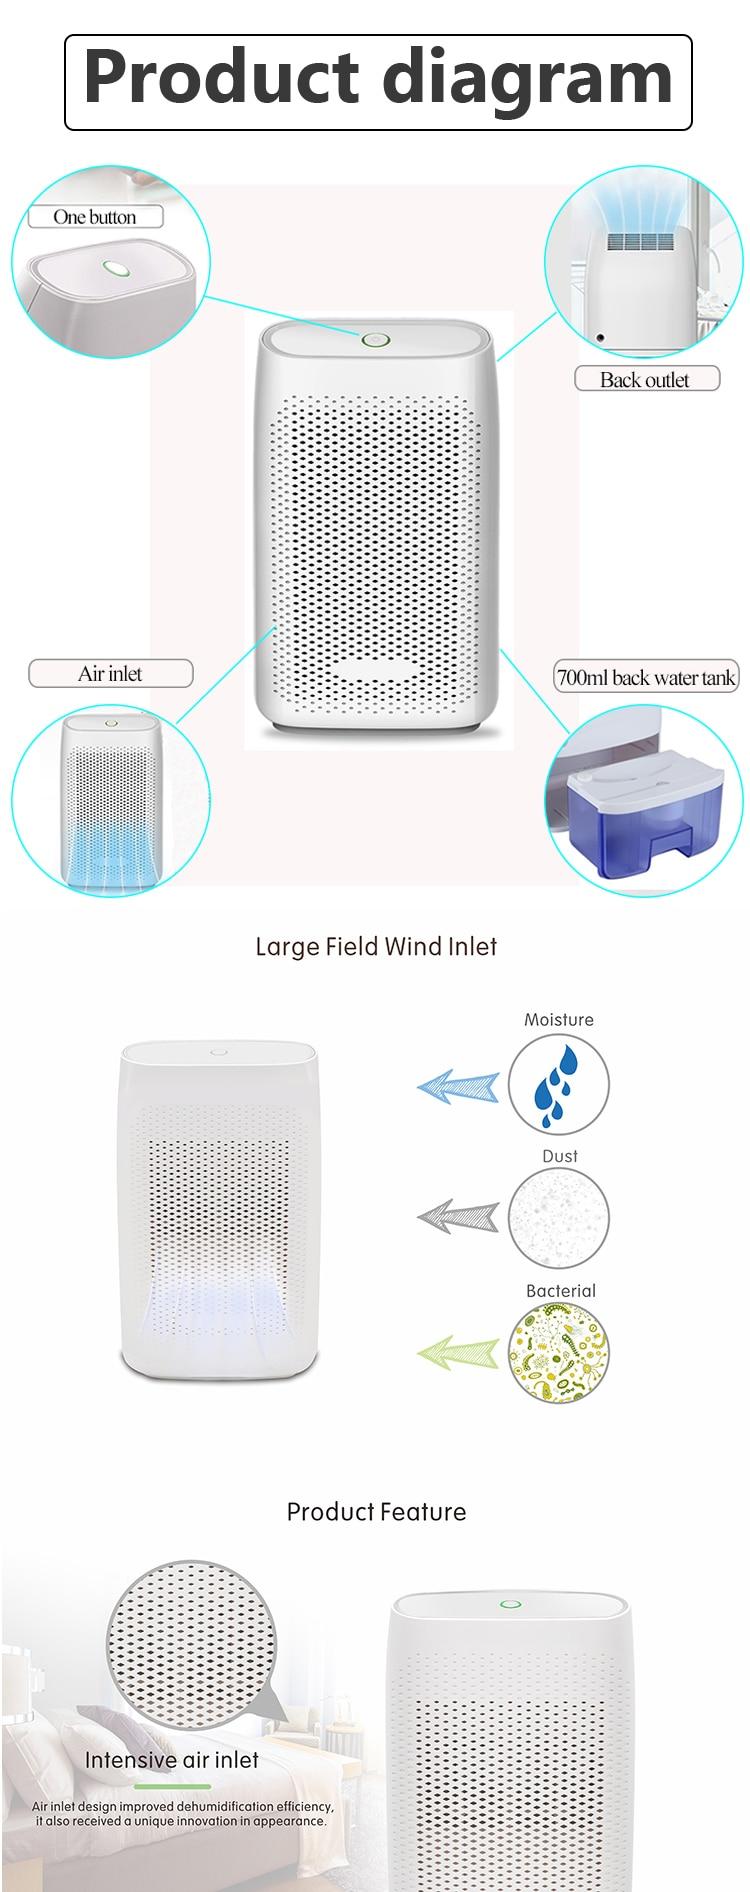 T8 dehumidifier_0008